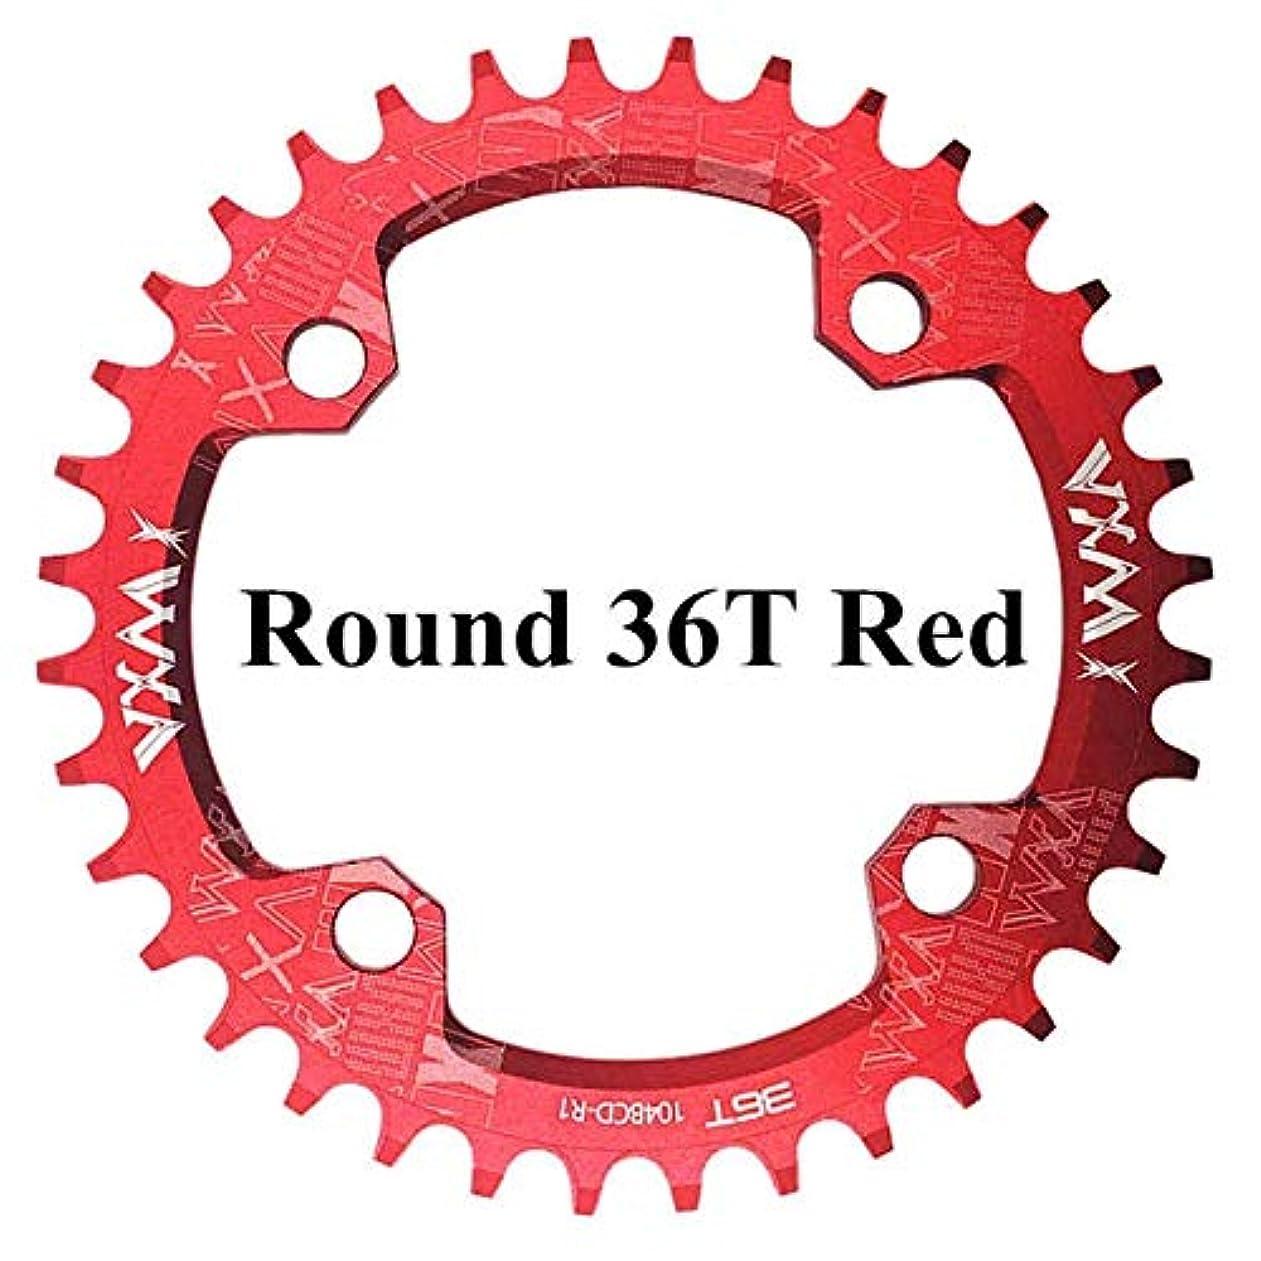 セクションホースメロディアスPropenary - 自転車104BCDクランクオーバルラウンド30T 32T 34T 36T 38T 40T 42T 44T 46T 48T 50T 52TチェーンホイールXT狭い広い自転車チェーンリング[ラウンド36Tレッド]